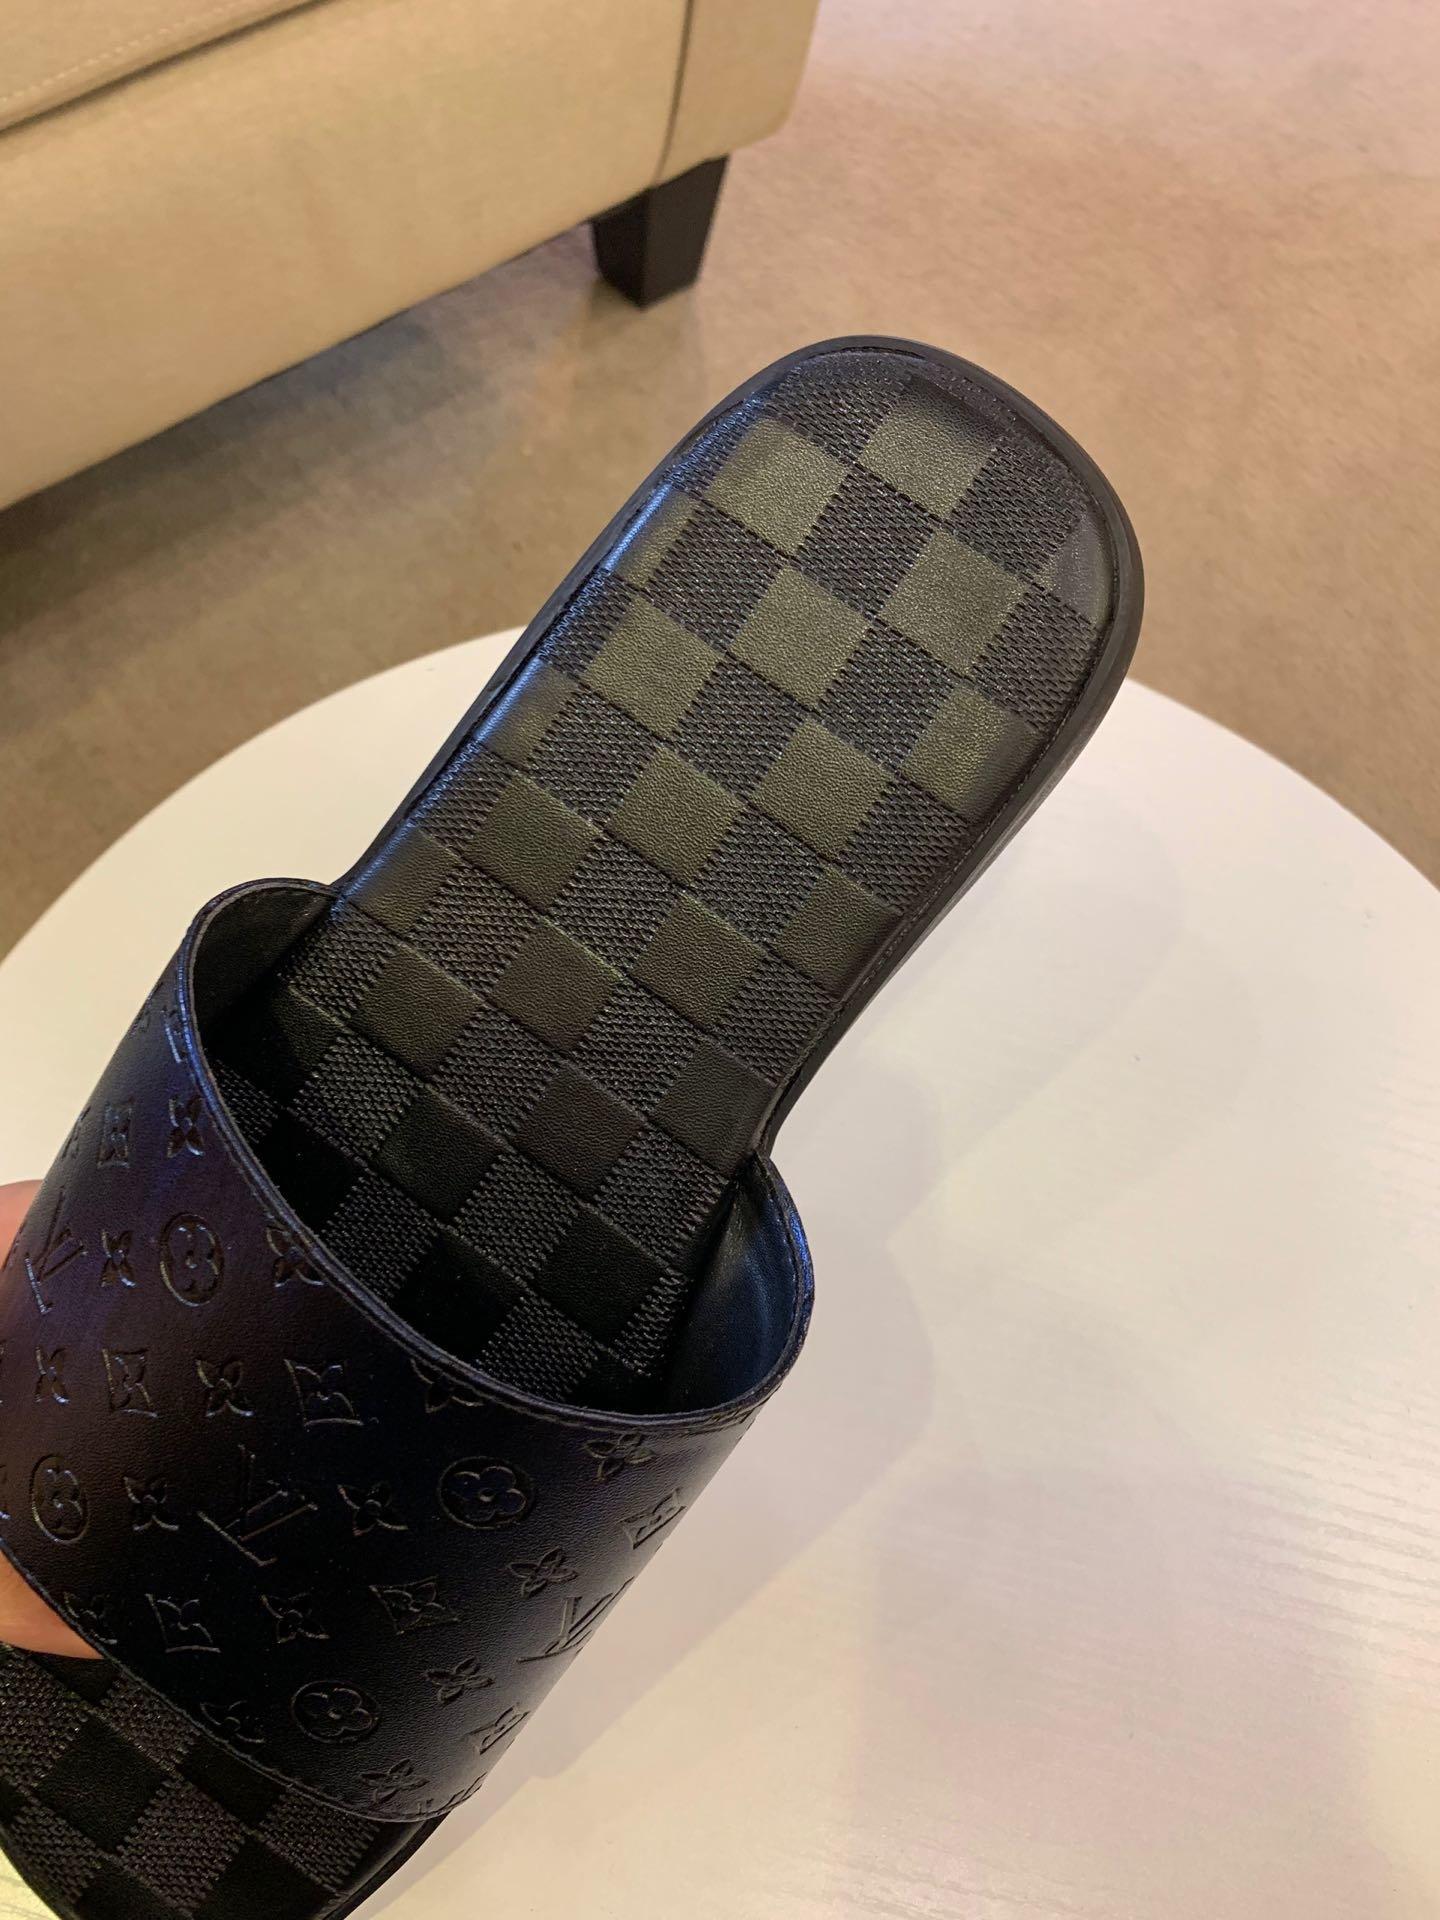 爆款LV男士拖鞋专柜同步发售码数38